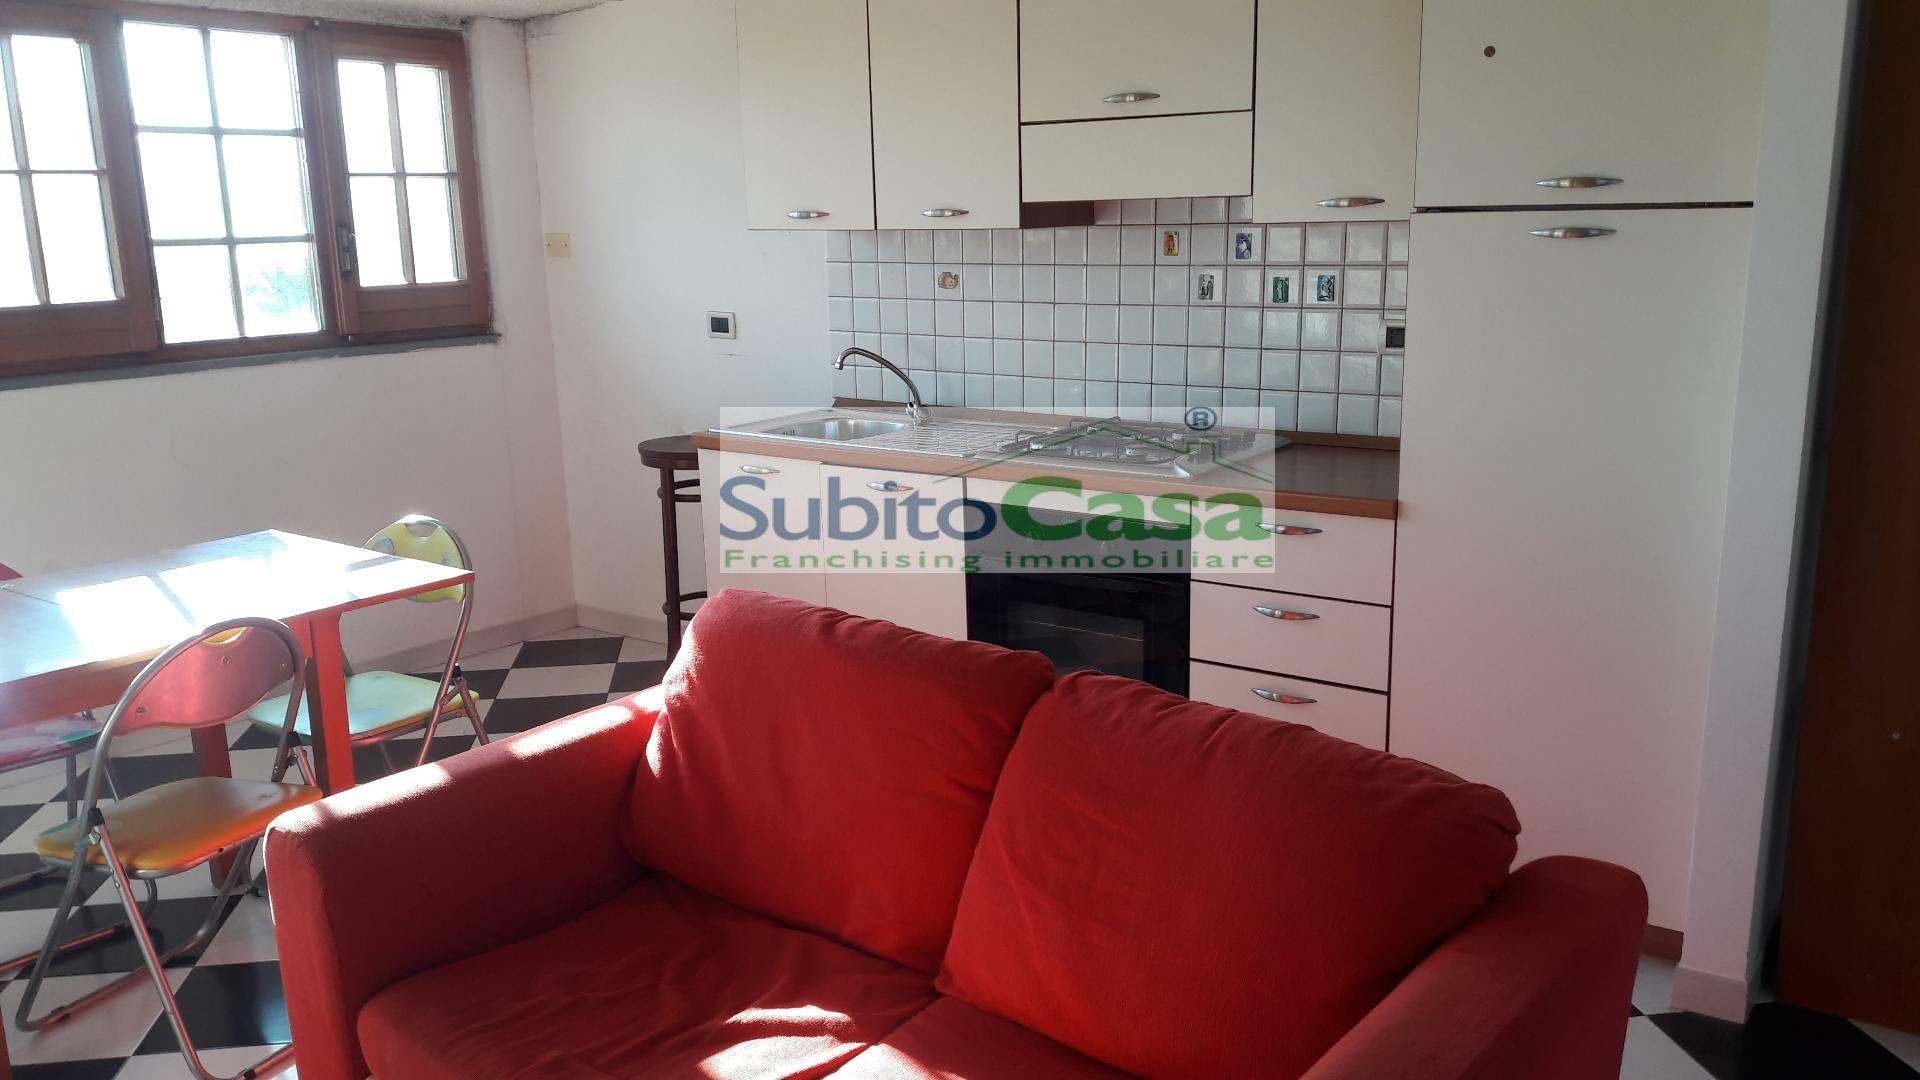 Appartamento in affitto a Cepagatti, 3 locali, zona Località: VillanovadiCepagatti, prezzo € 380 | Cambio Casa.it